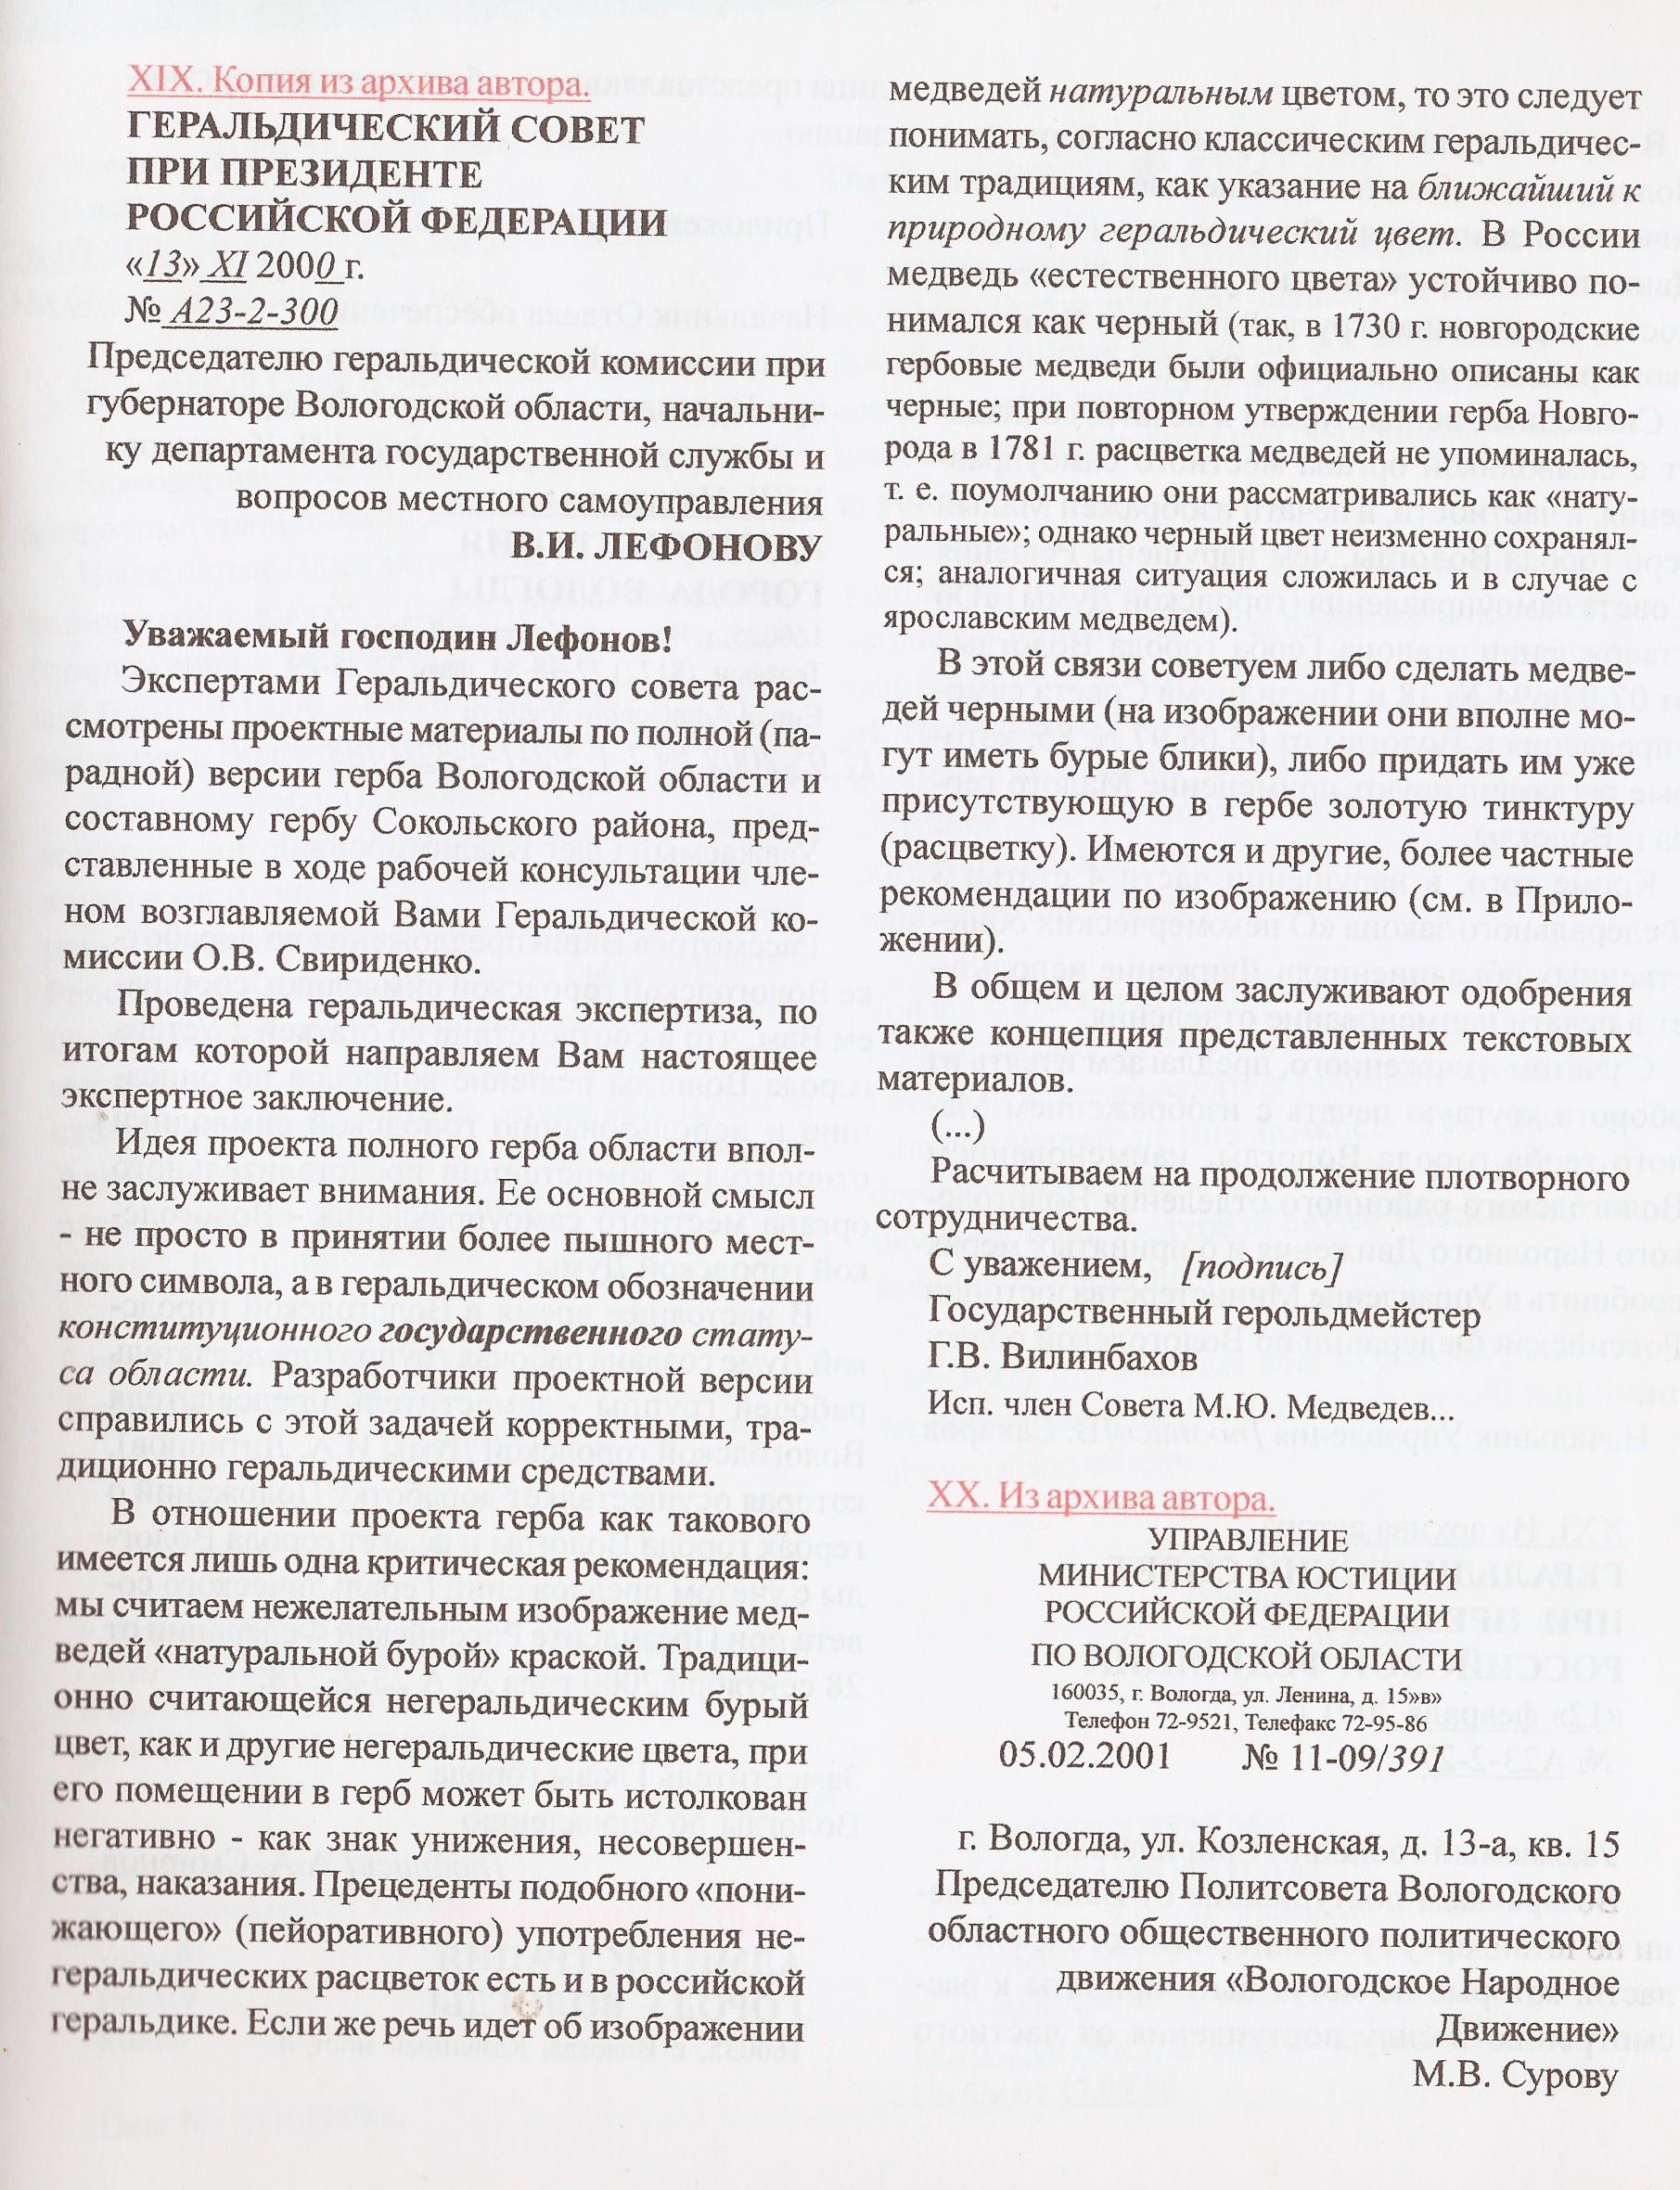 ГЕРОЛЬДИЯ-3